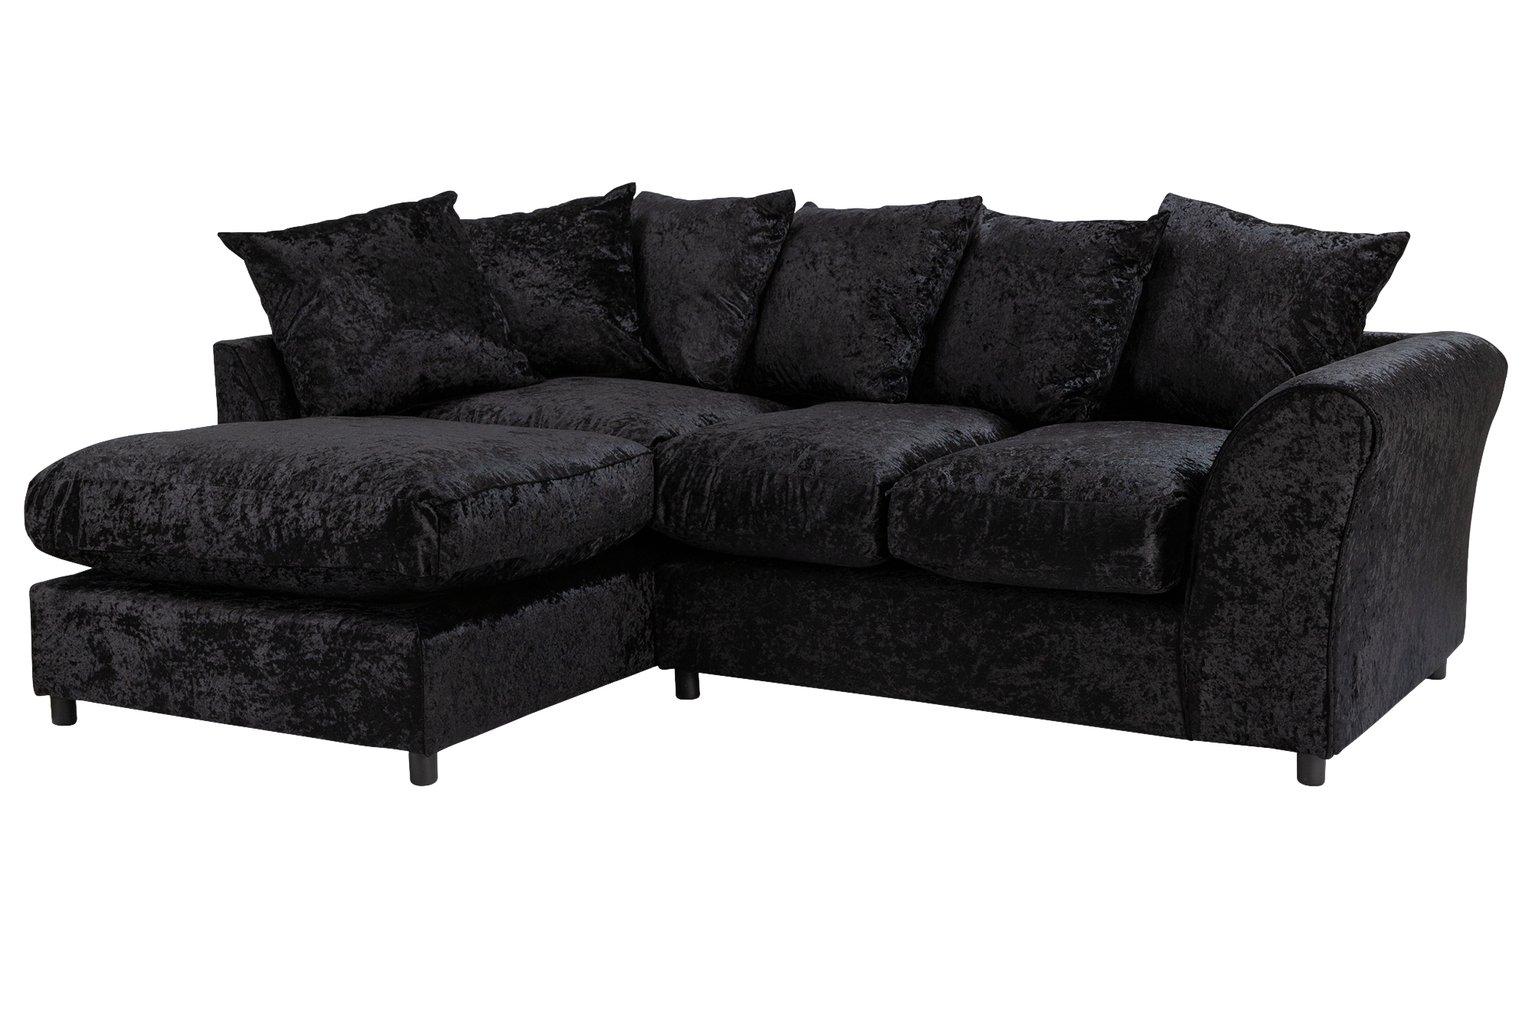 Argos Home Megan Left Corner Fabric Sofa - Black